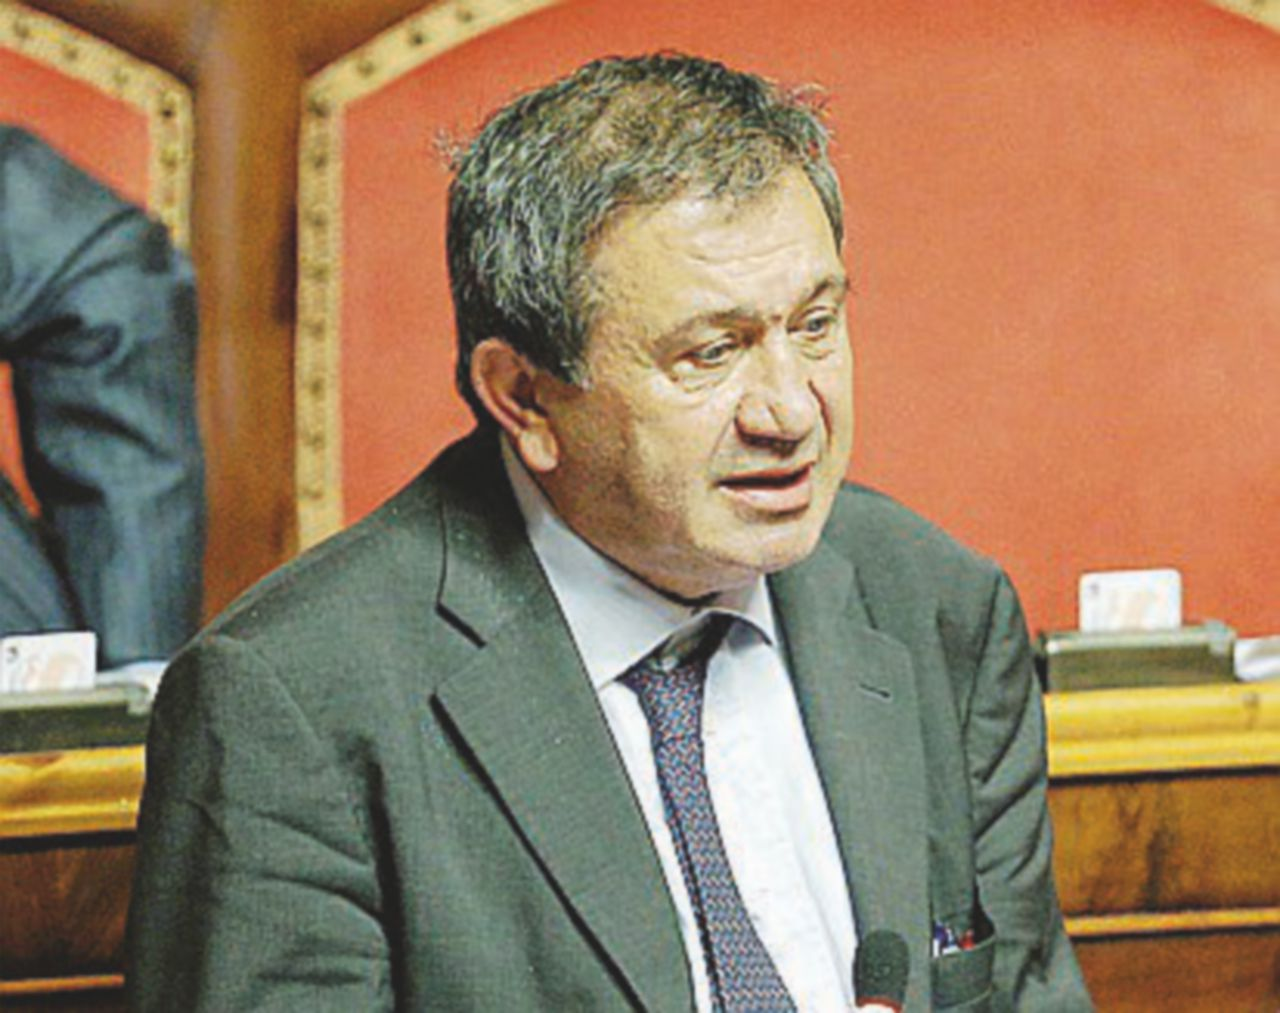 Divina Provvidenza, il senatore Azzollini a giudizio per il crac